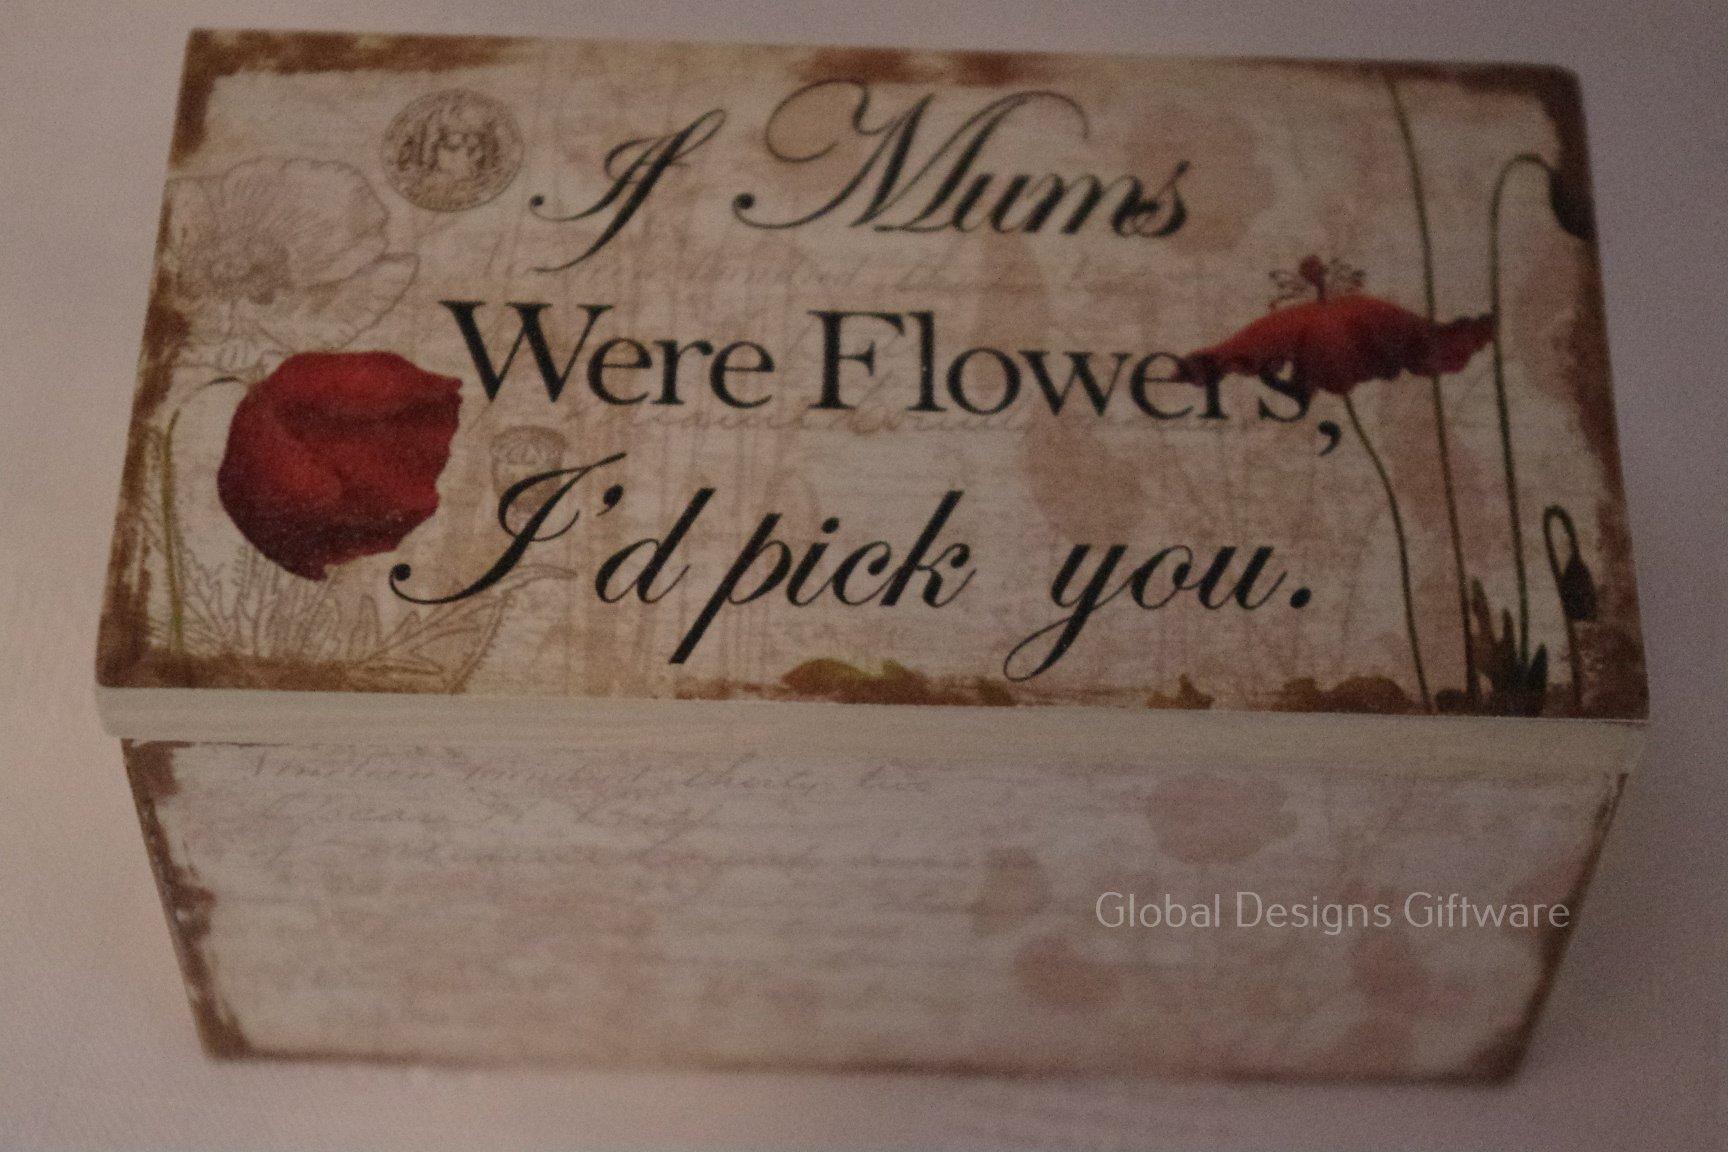 Global Designs Caja de Recuerdos pequeña para mamá, Regalo de cumpleaños para Madre SG1683: Amazon.es: Hogar